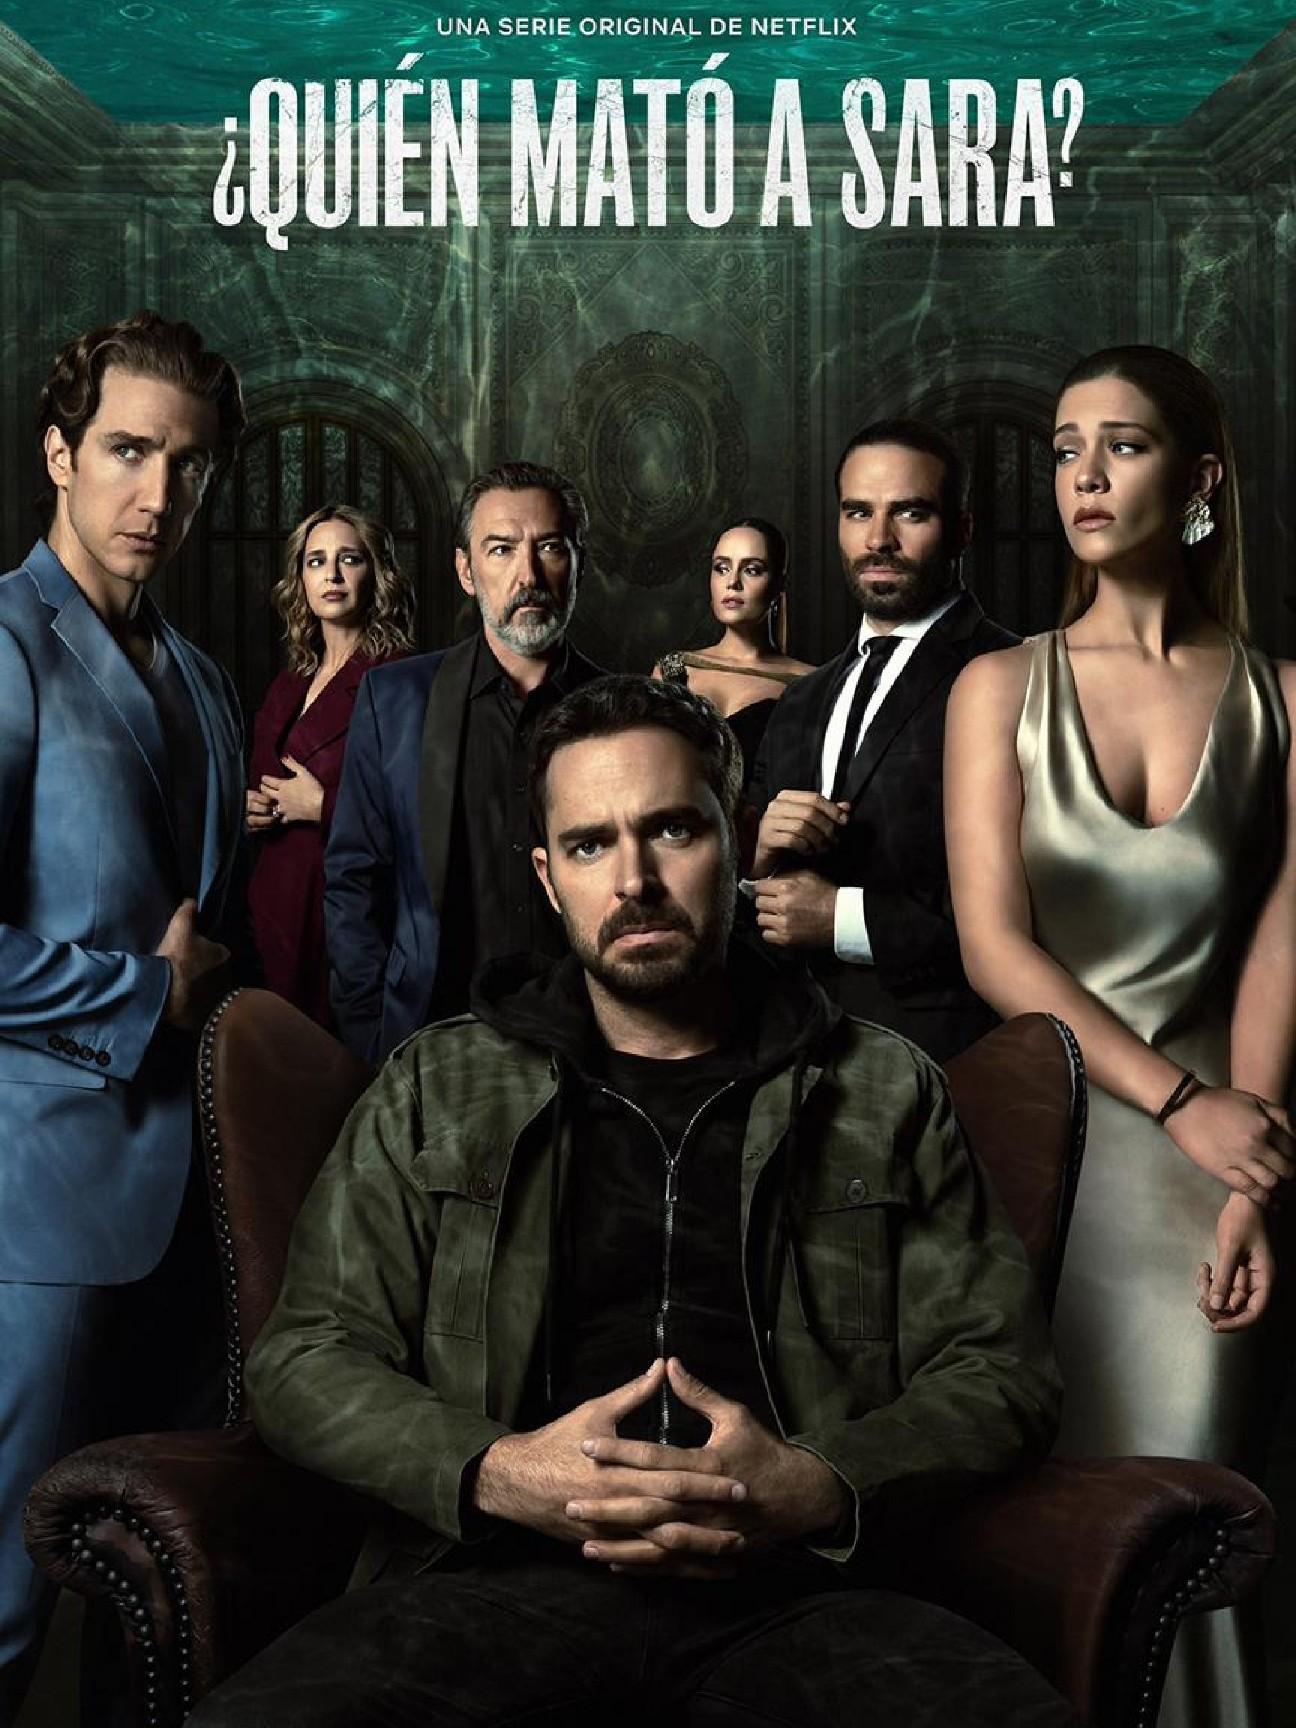 Download Séries Quem Matou Sara? 2ª Temporada Torrent 2021 Qualidade Hd